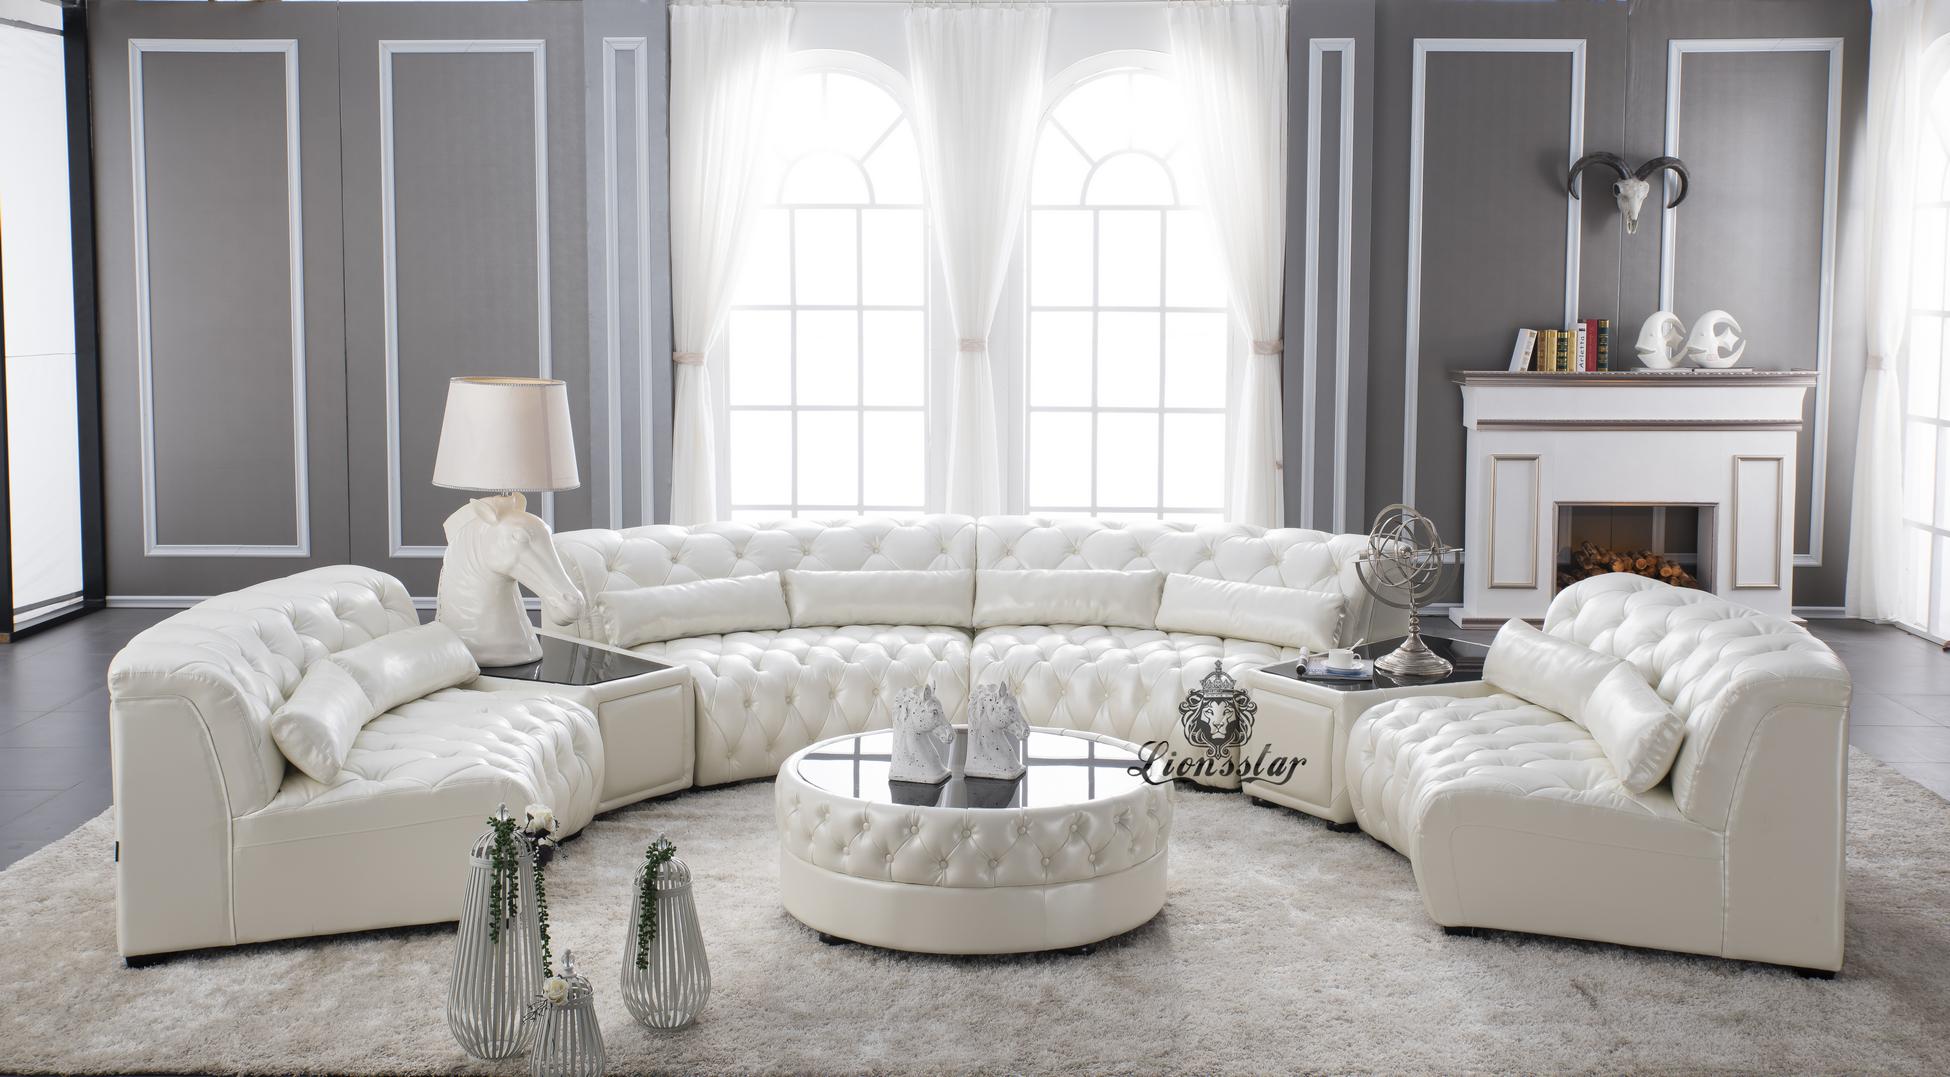 Möbelstile Lionsstar Gmbh